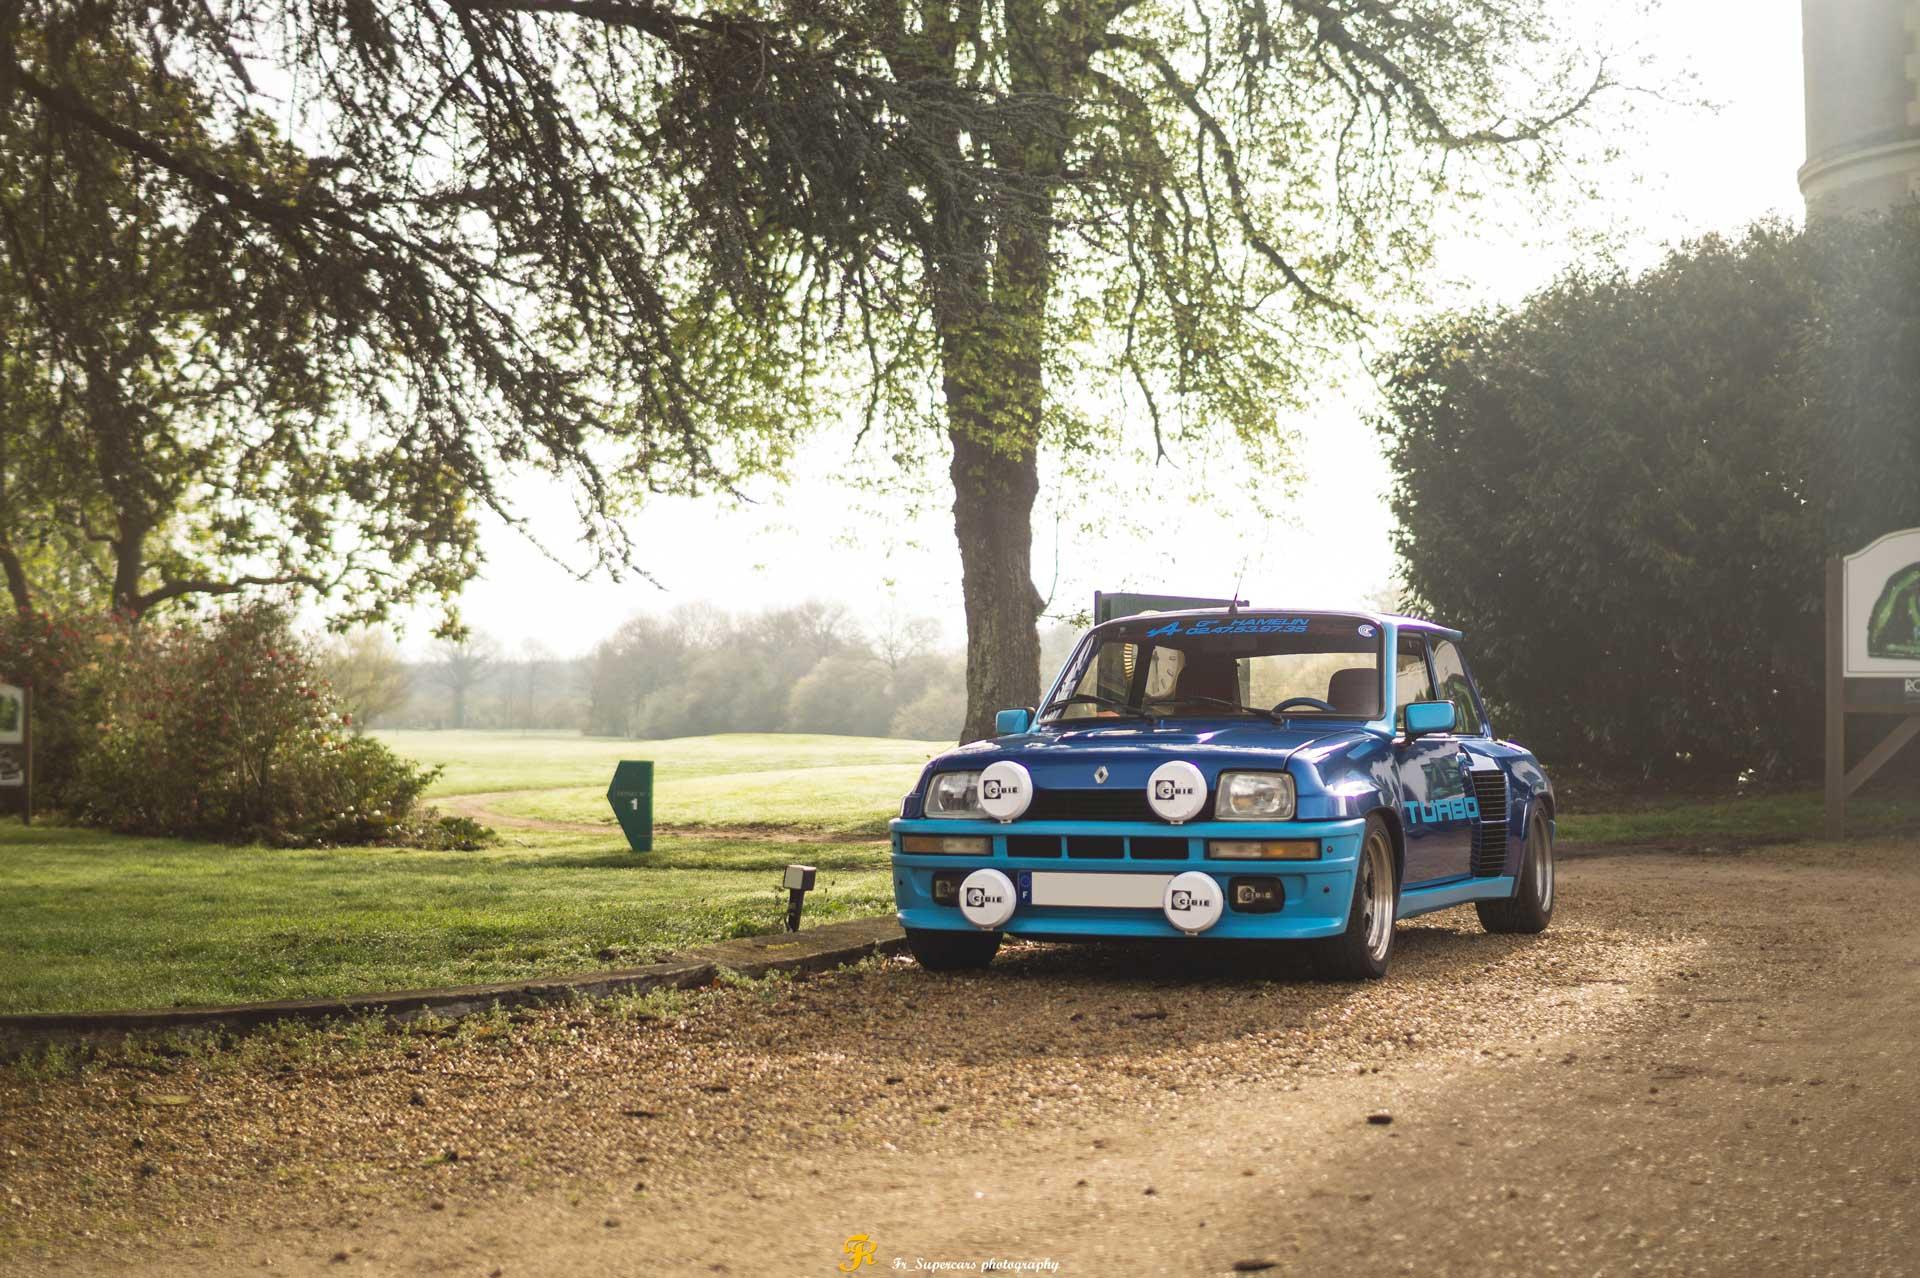 R5-turbo2-acsptours